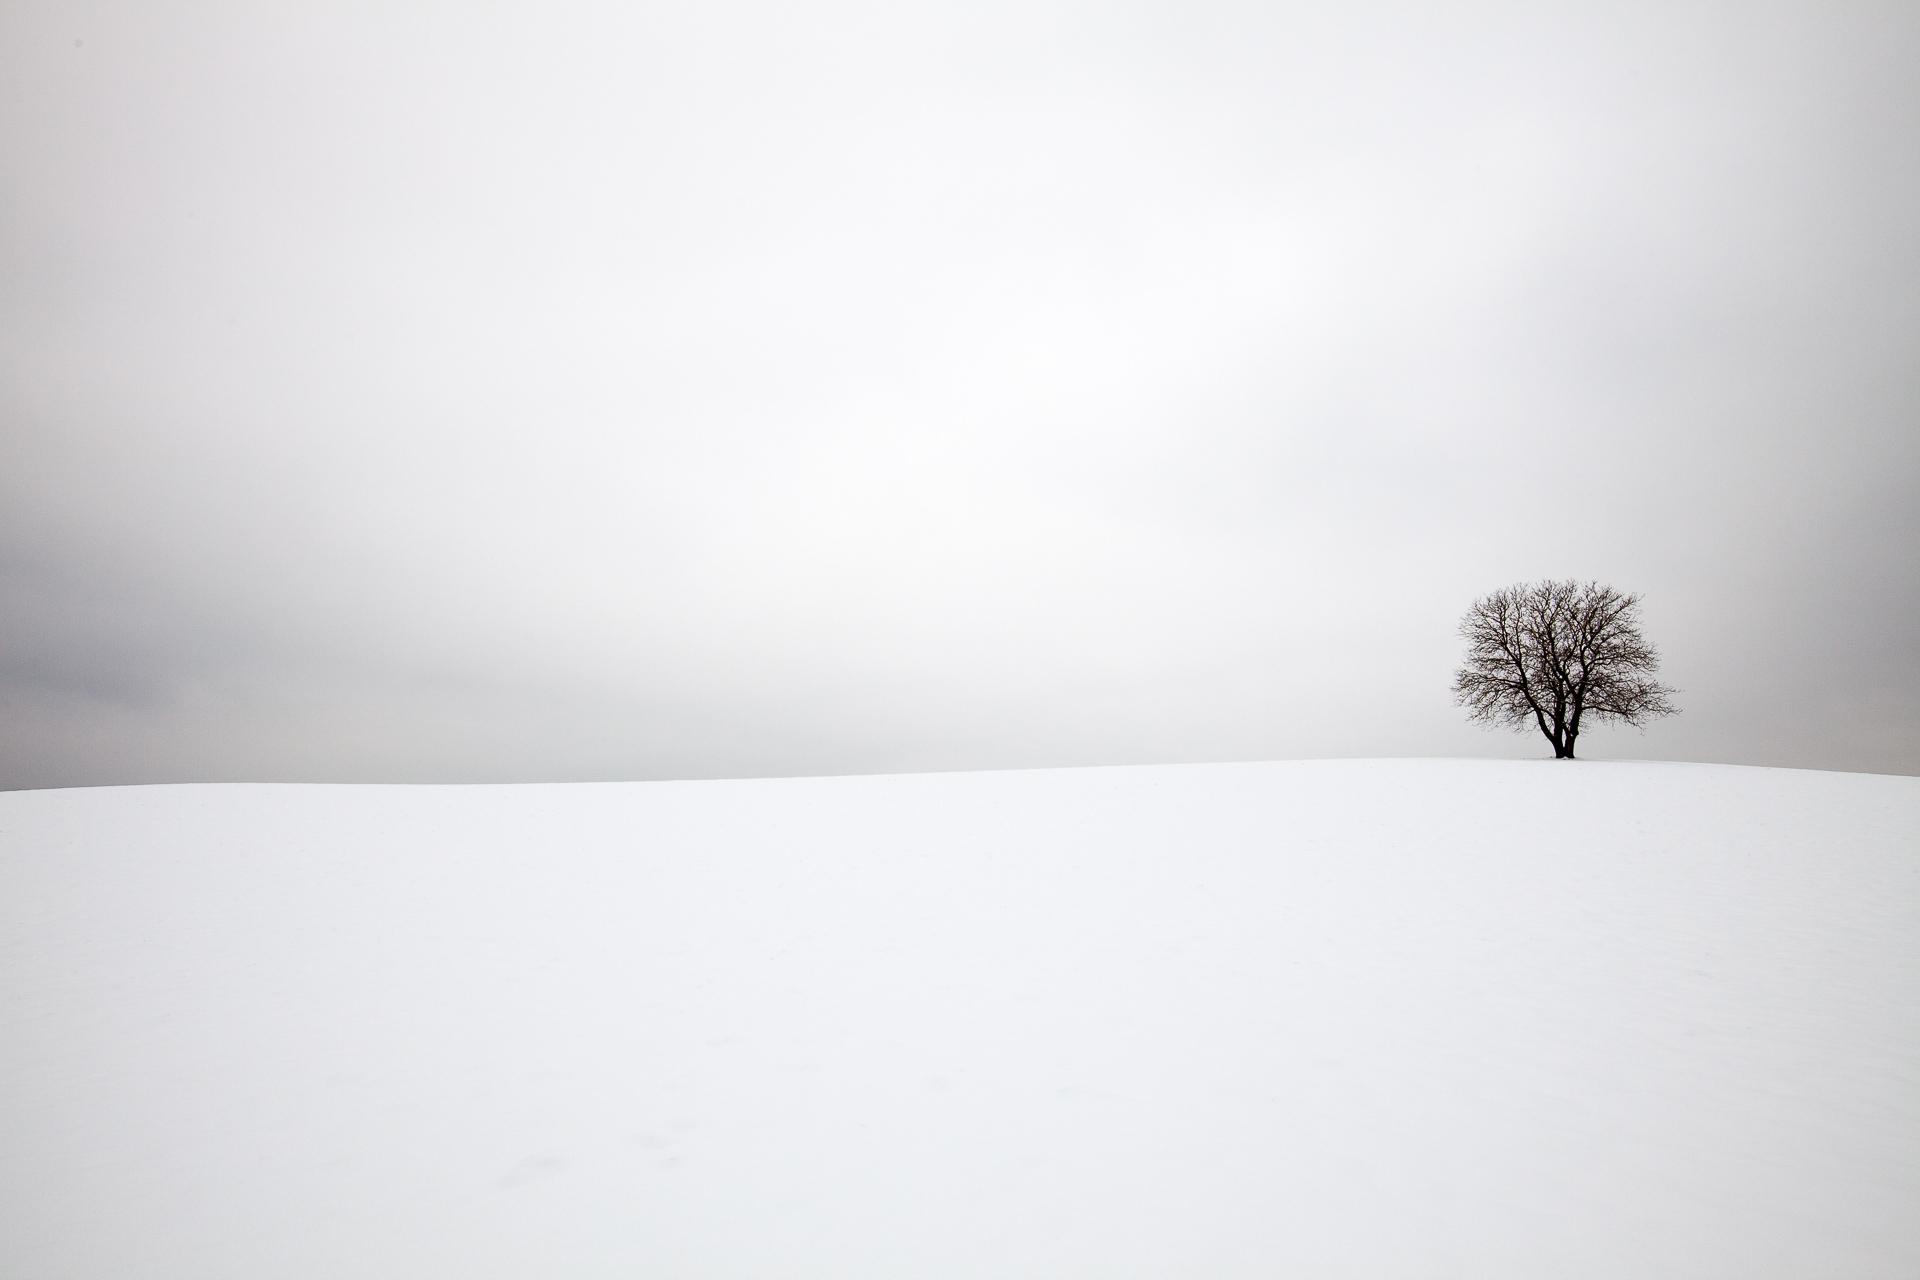 Een eenzame boom in een glooiend winters landschap